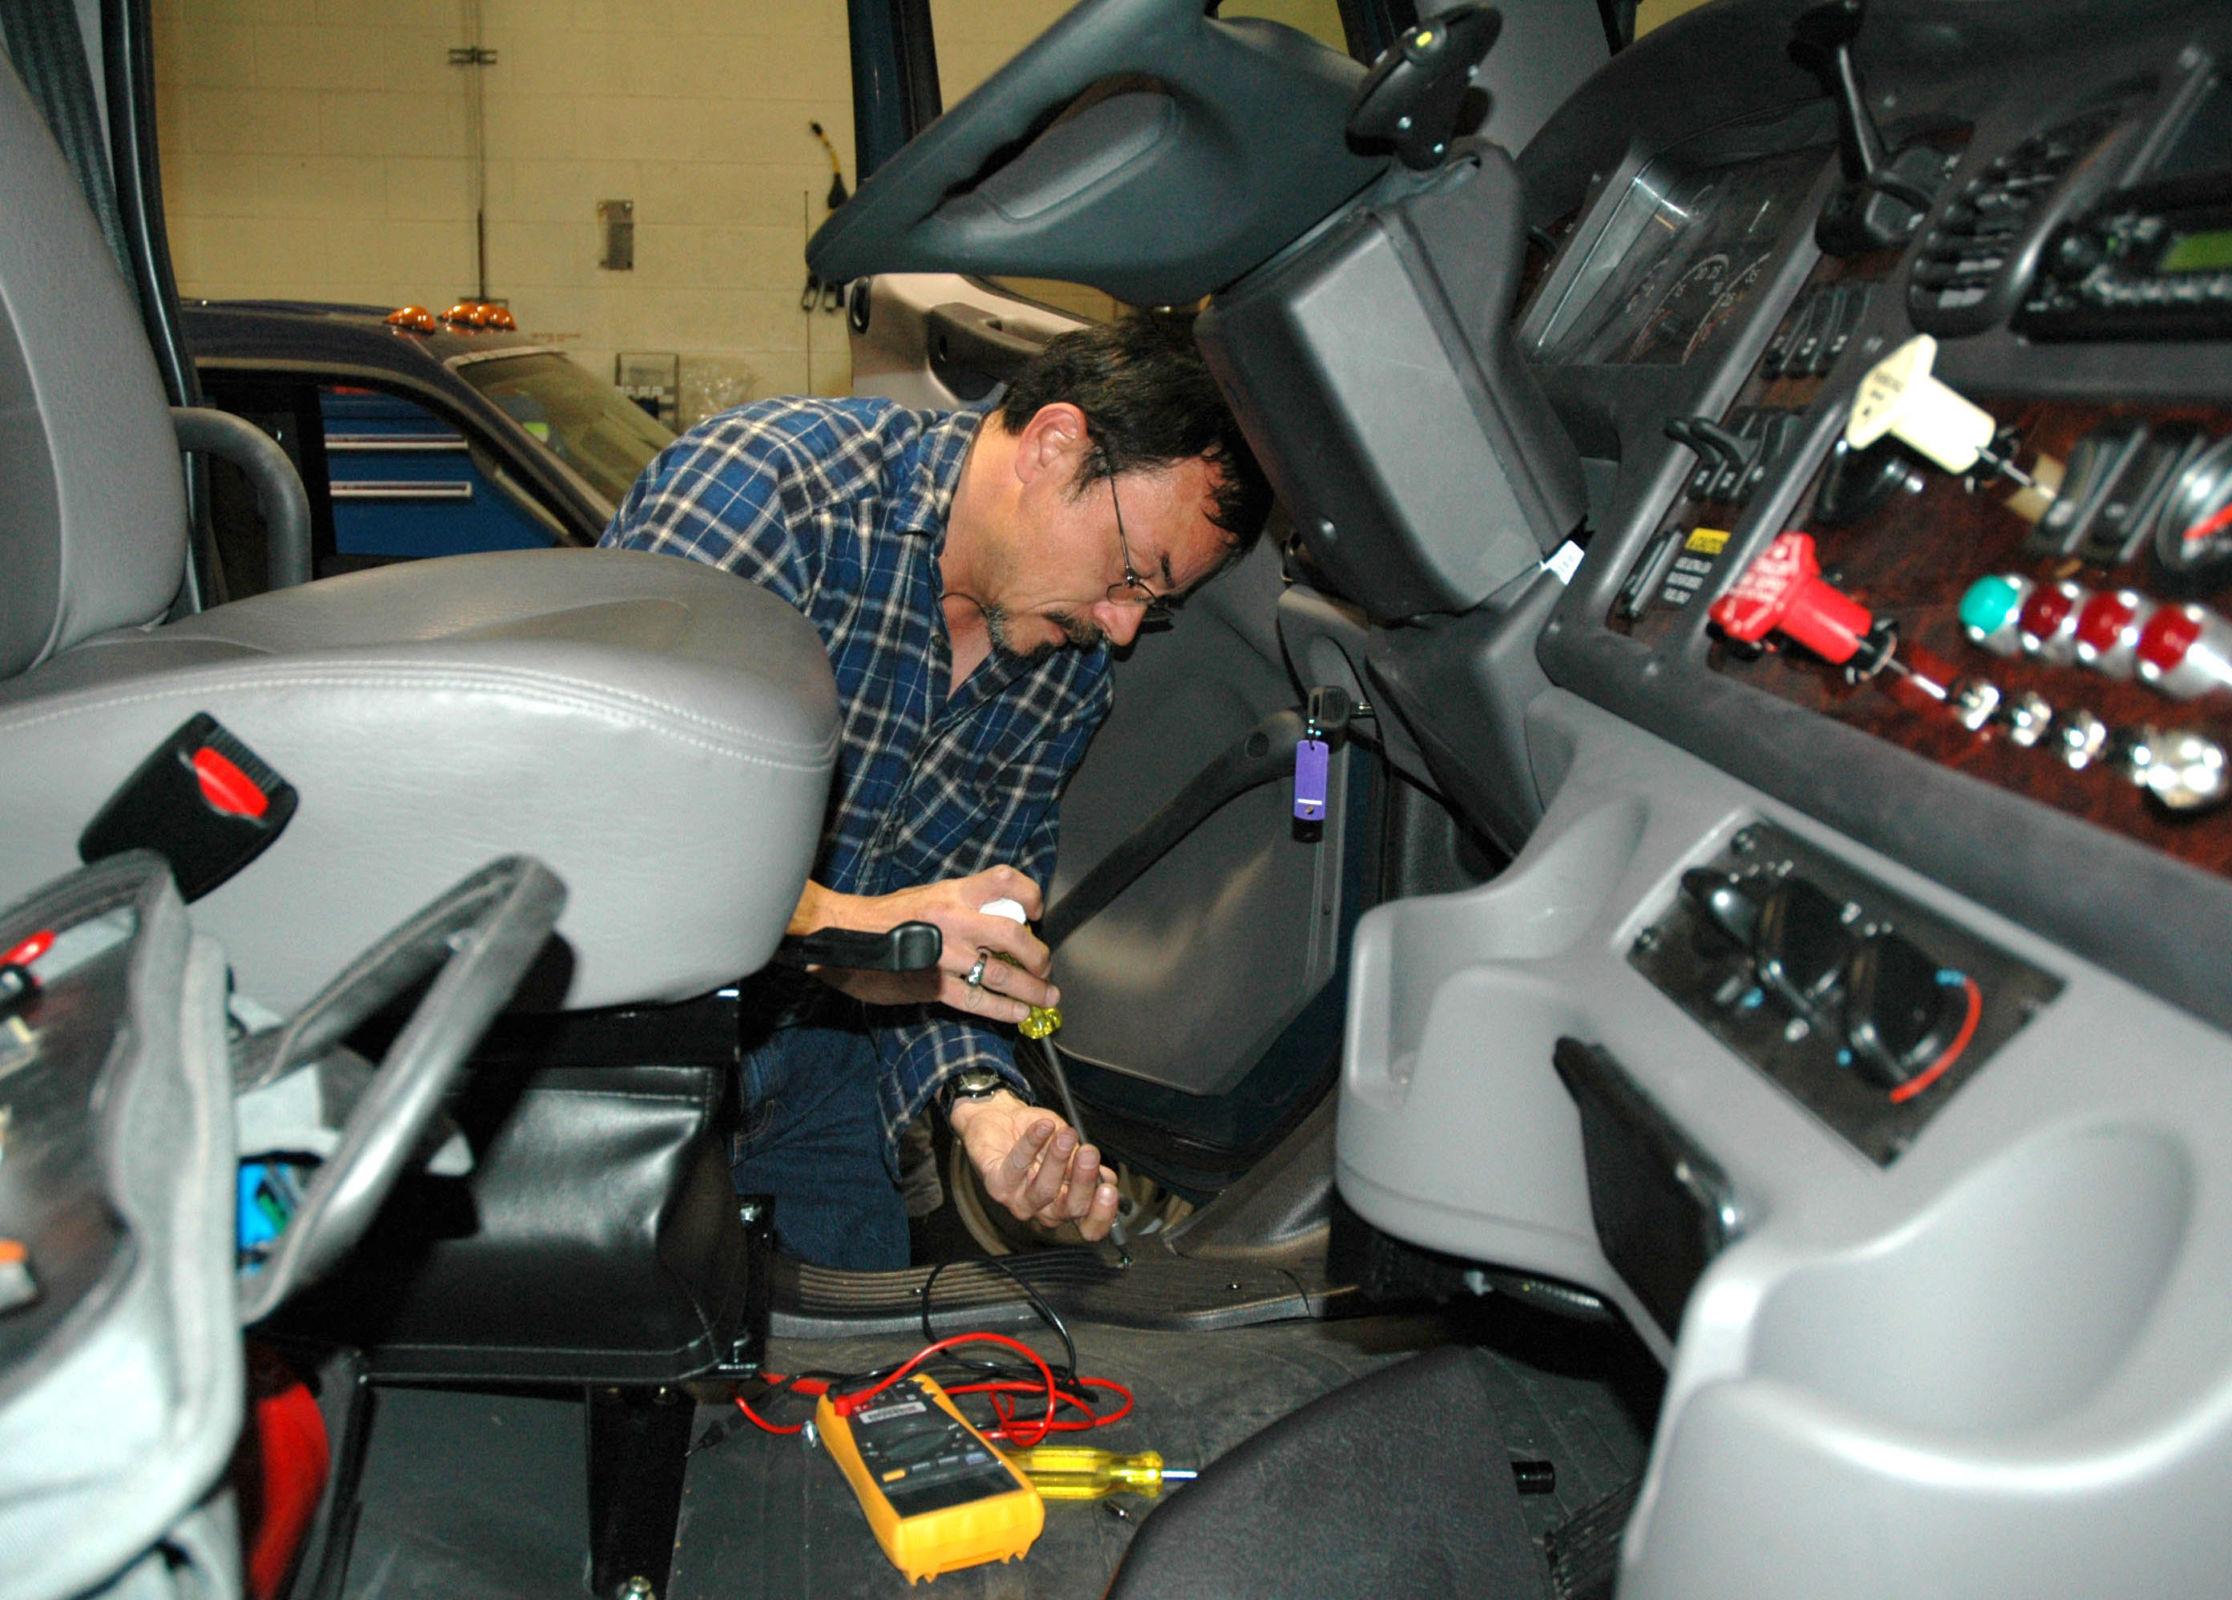 instalação-elétrica-painel-automóvel